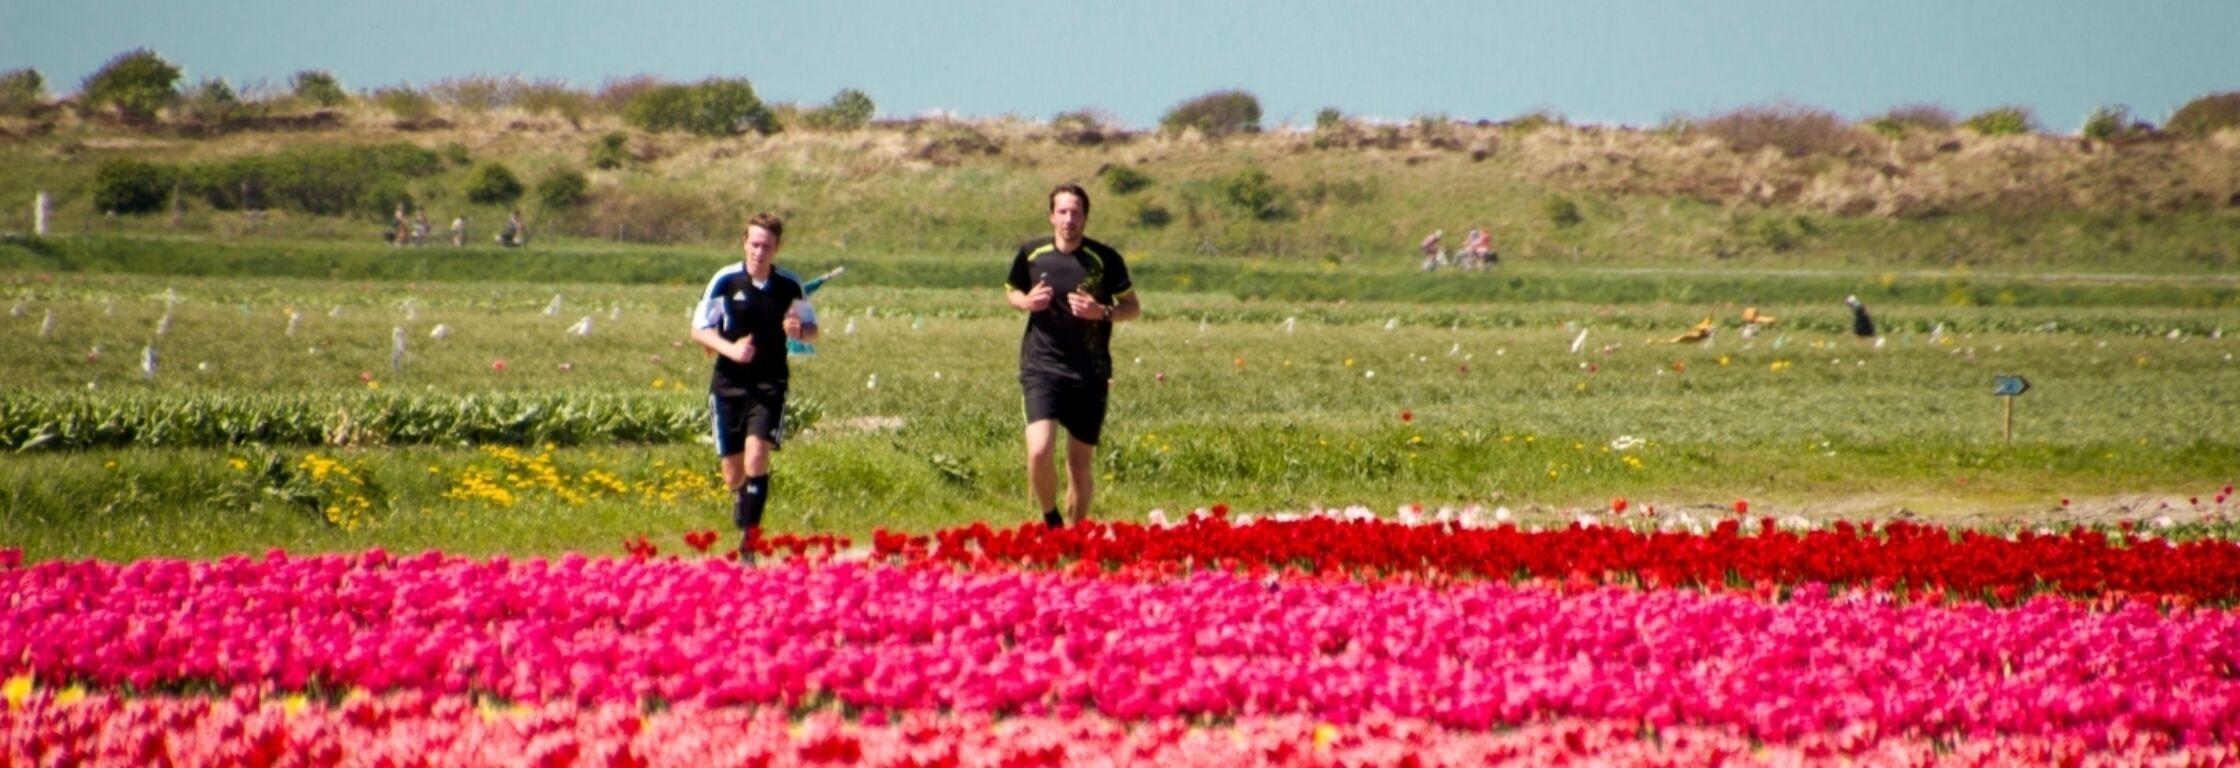 Crossen tussen de tulpenvelden door, een unieke ervaring!